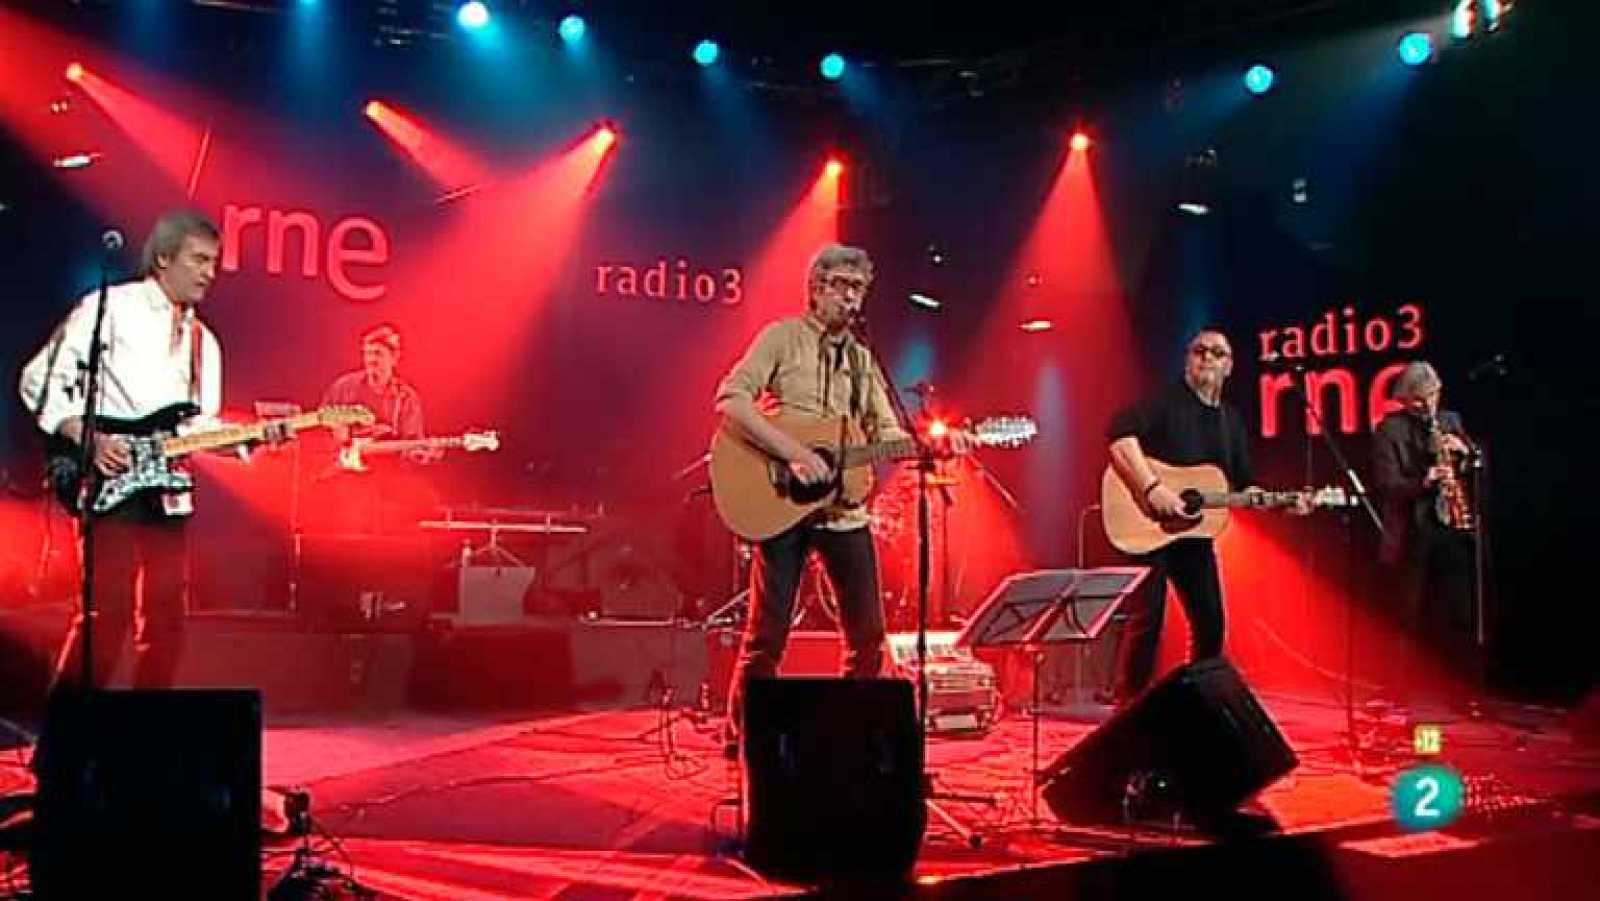 Los conciertos de Radio 3 - Suburbano - Ver ahora